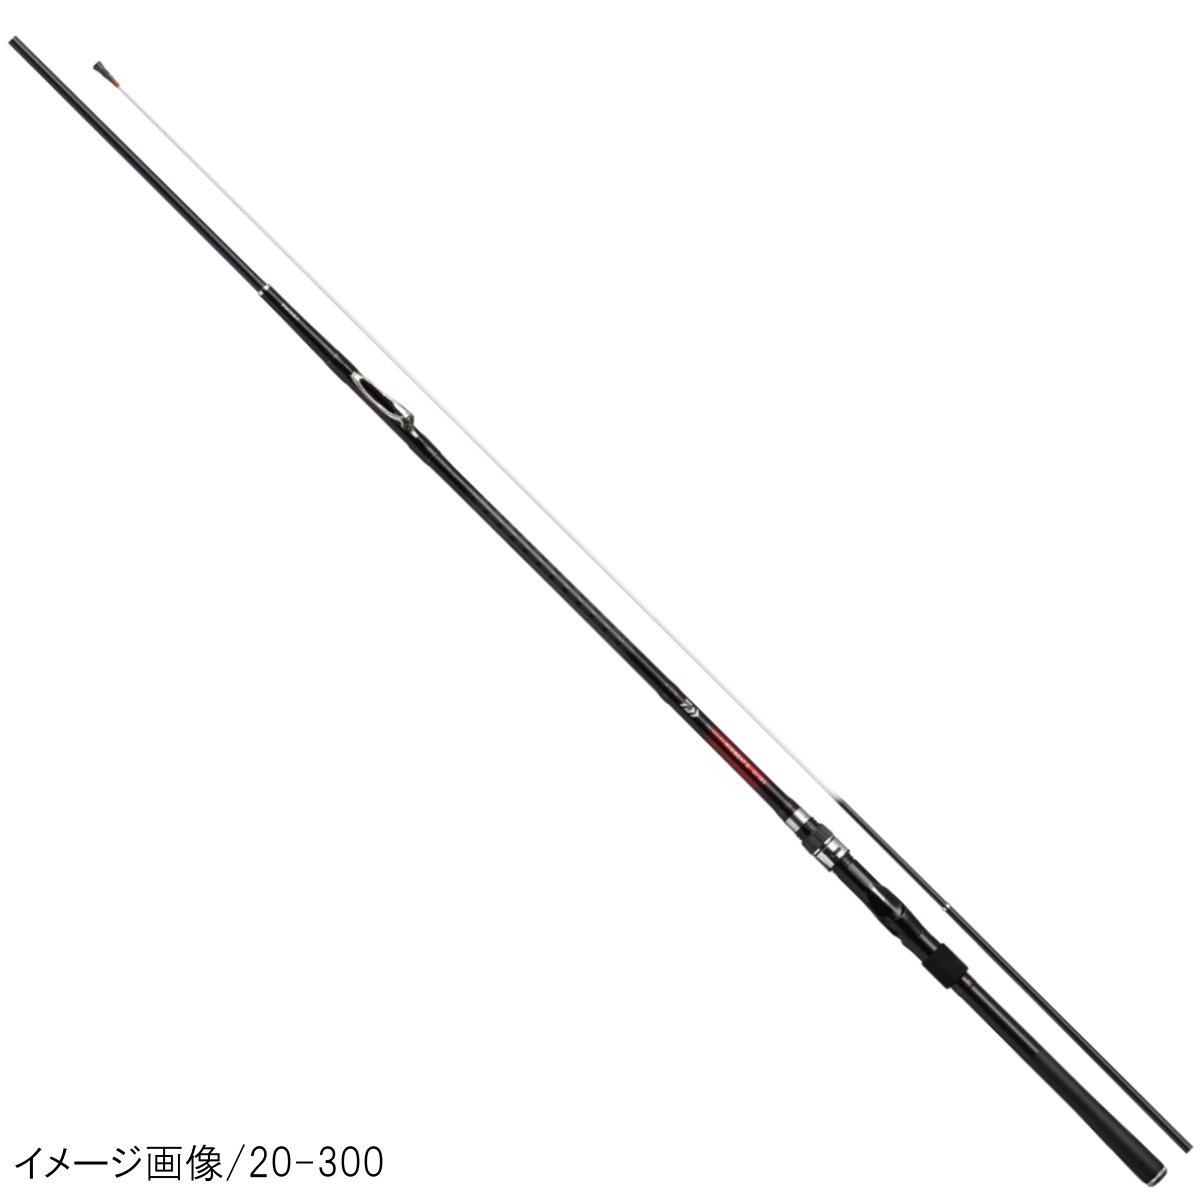 ダイワ ミニボート インターライン 30-300 ミニボート ダイワ X 30-300, Dream Can Co.:f355c113 --- rakuten-apps.jp